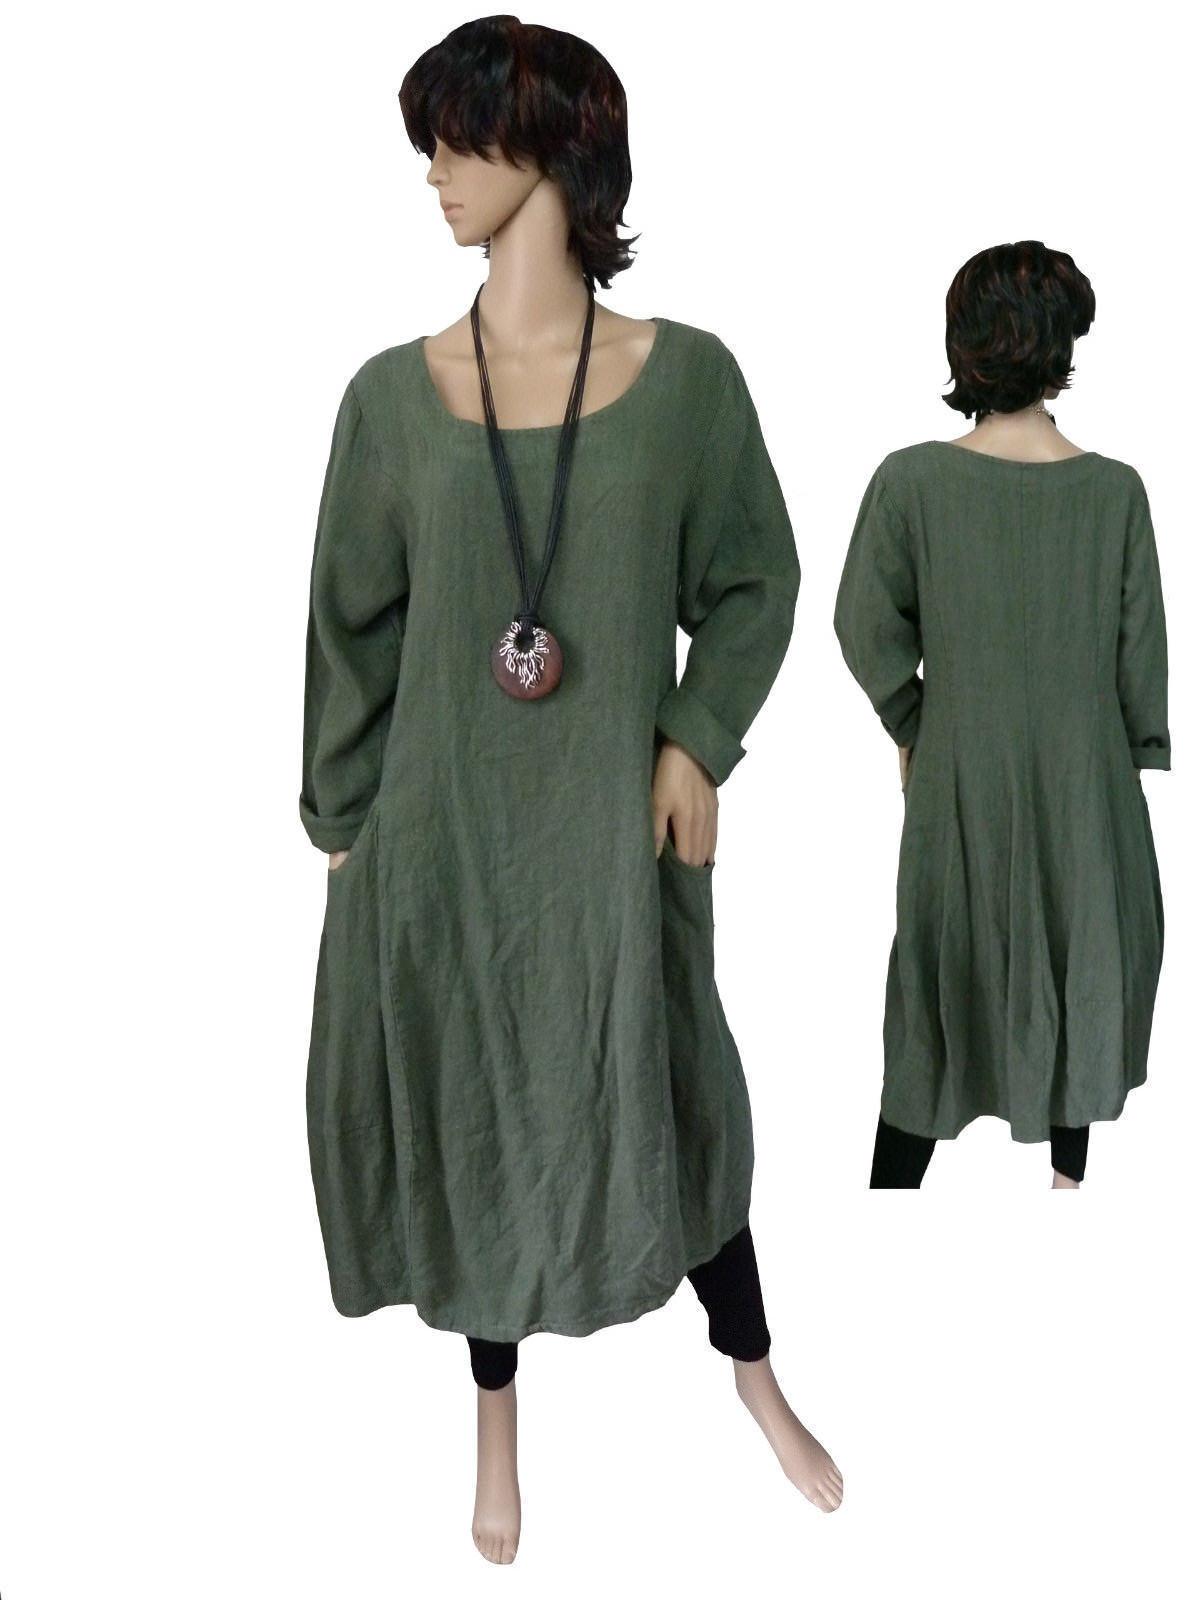 043af1f3c9ff 40 - 50 abito vestito lino manica lunga abito palloncino Vestito olivgün  Italia Lagenlook nndufp1830-Vestiti